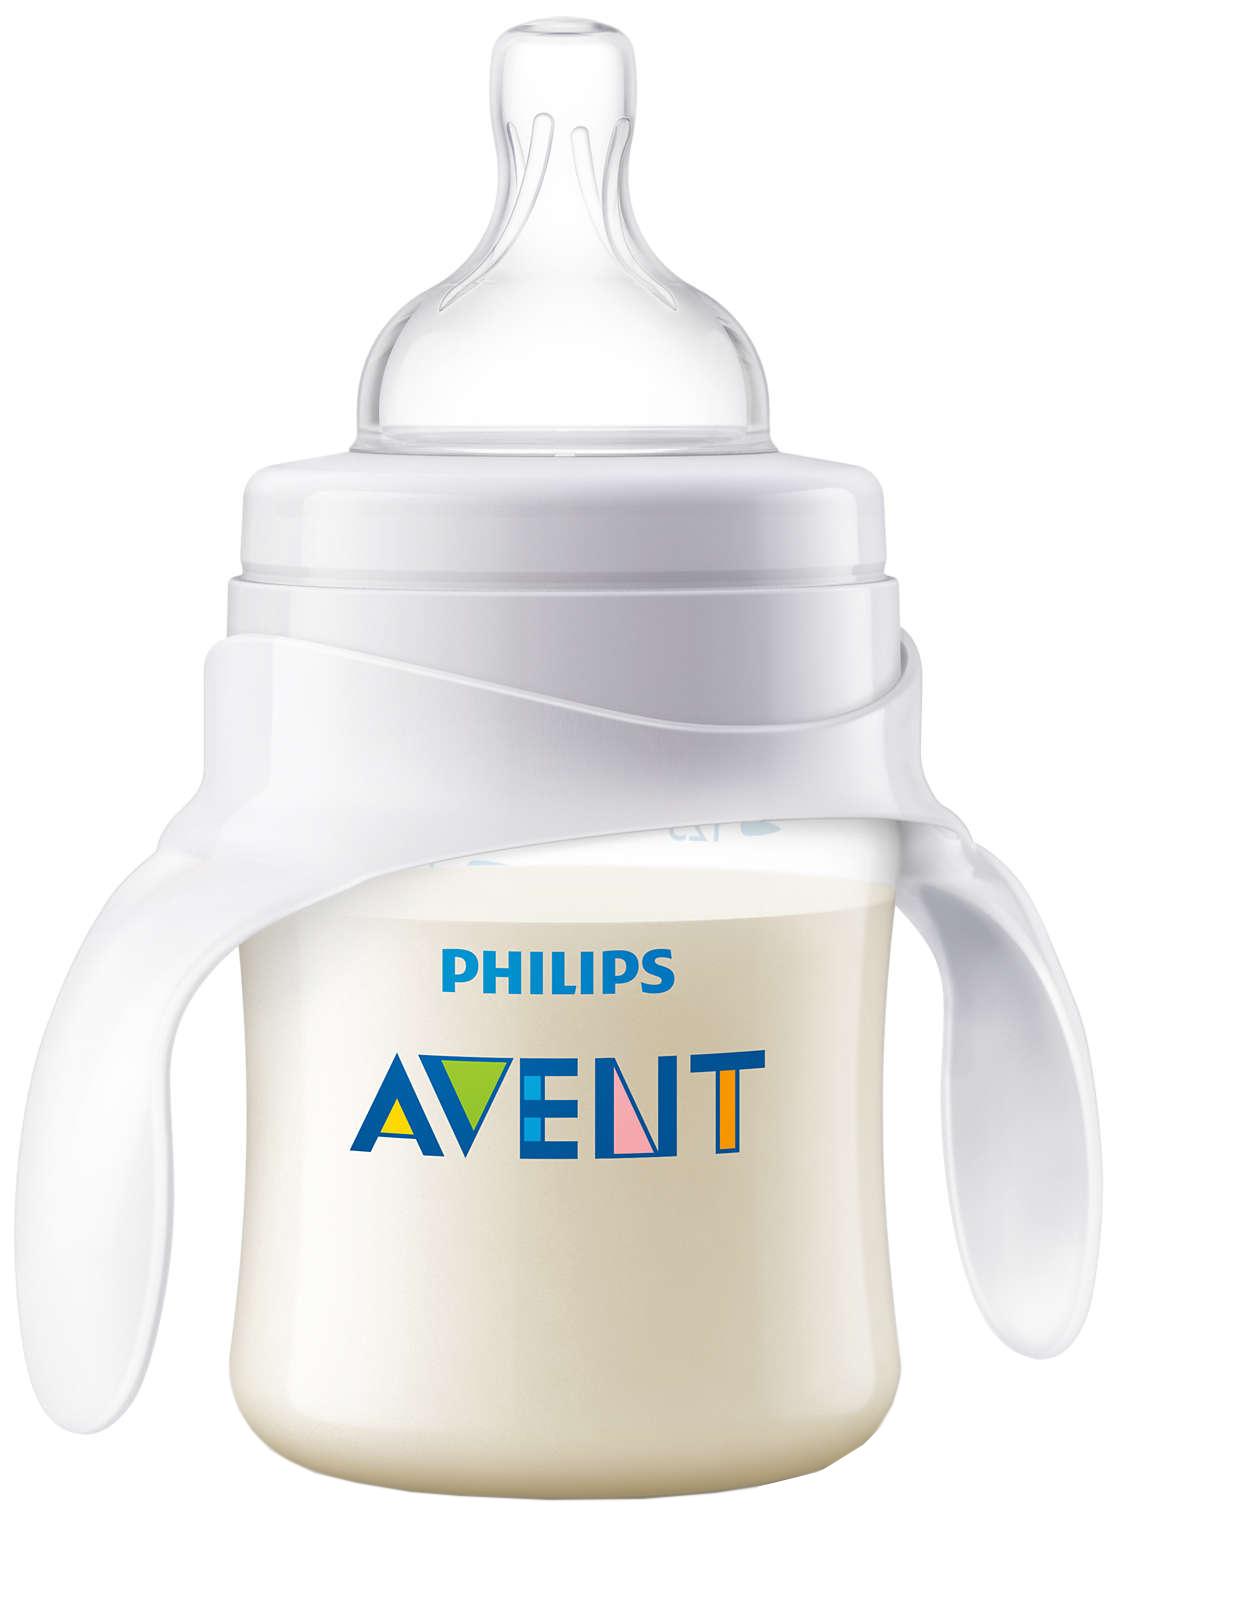 Тренировочный набор Philips Avent PP: Бутылочка 125 мл, Соска, ручки фото